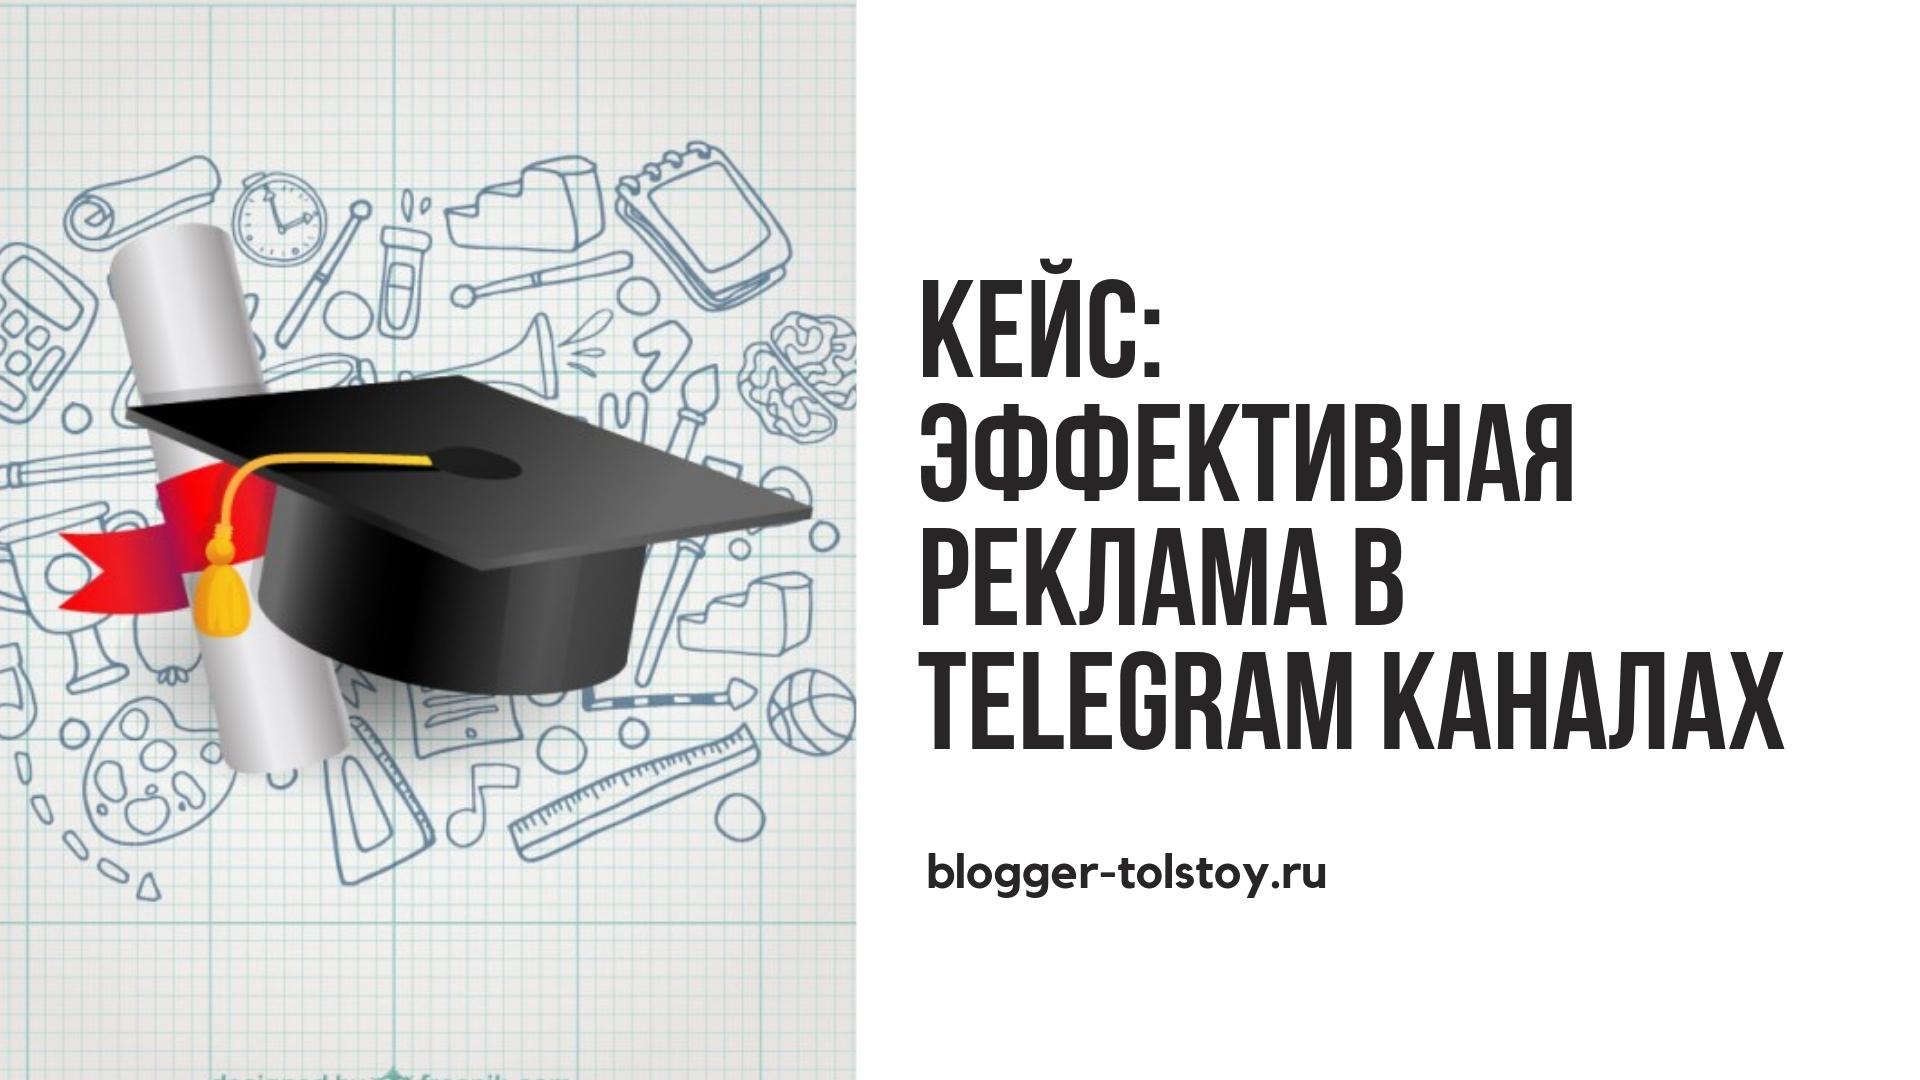 Кейс: эффективная реклама в Telegram каналах